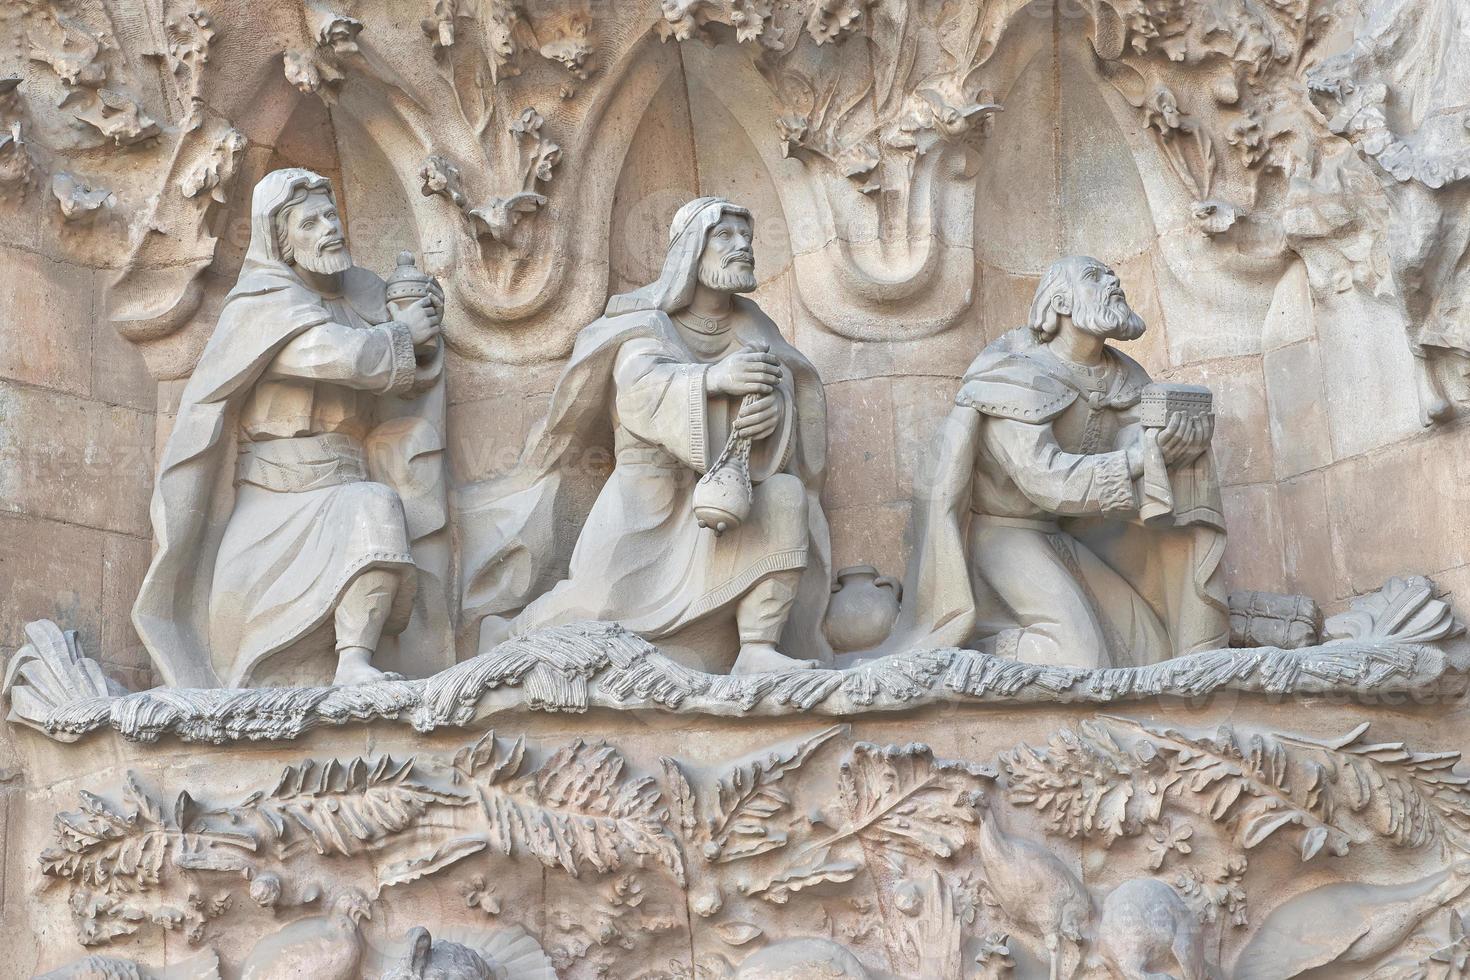 Exterior of Sagrada Familia photo